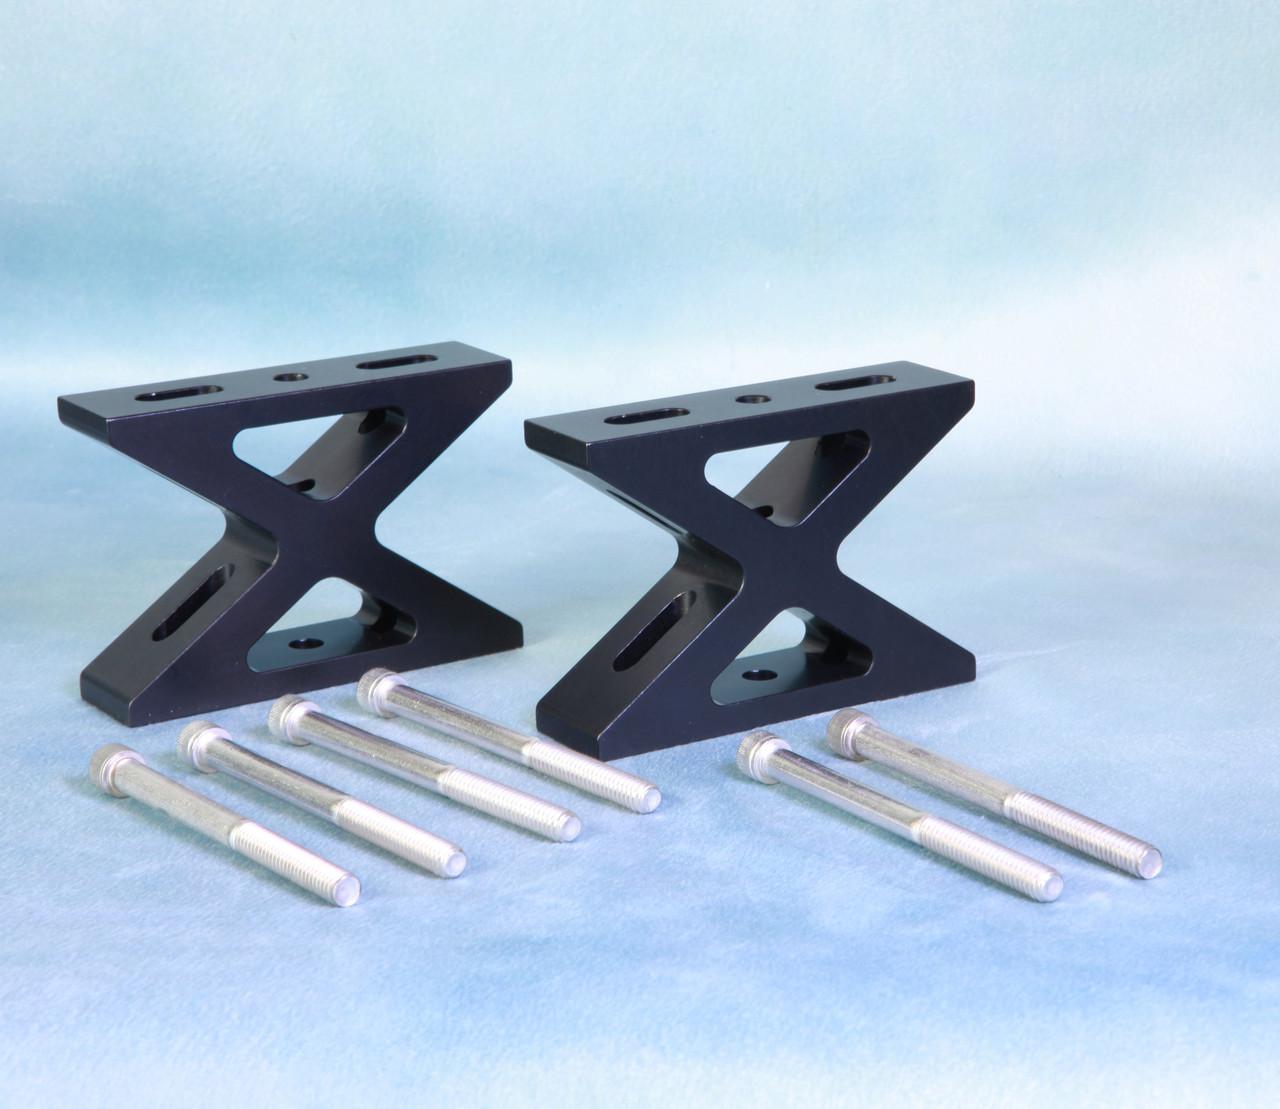 RSX Standard Riser Set for Short Tube Telescopes